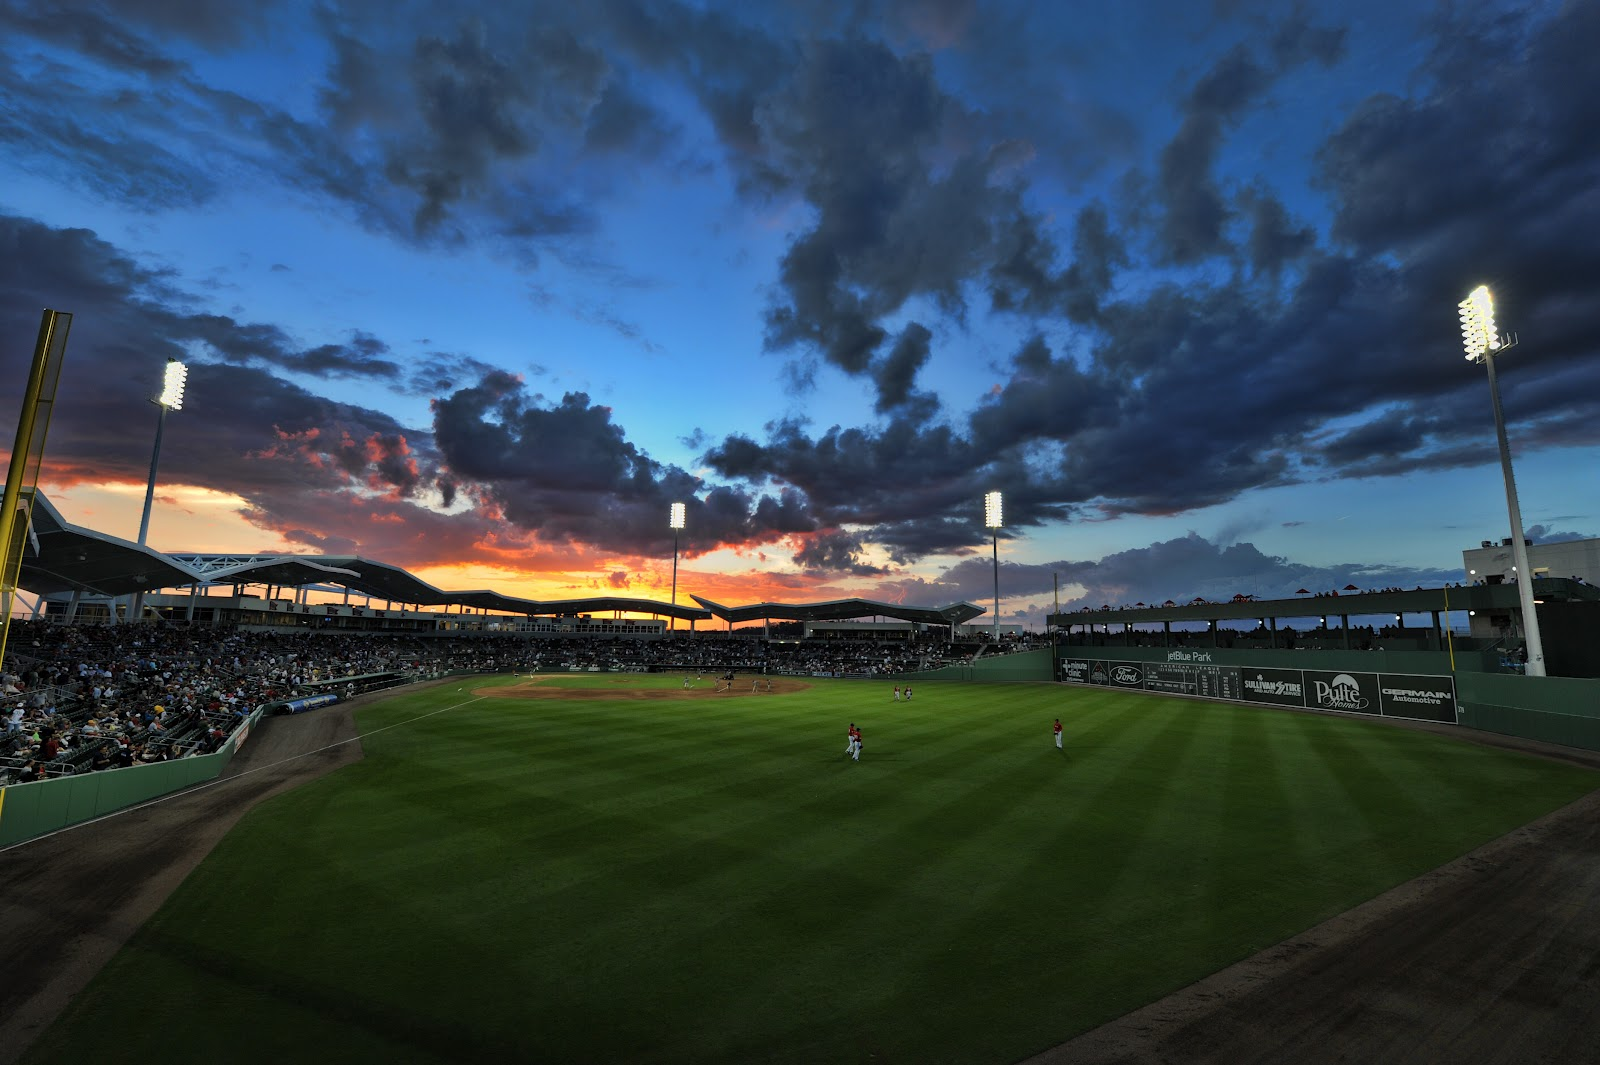 Ivins Images Blog: Sunset Over jetBlue Park